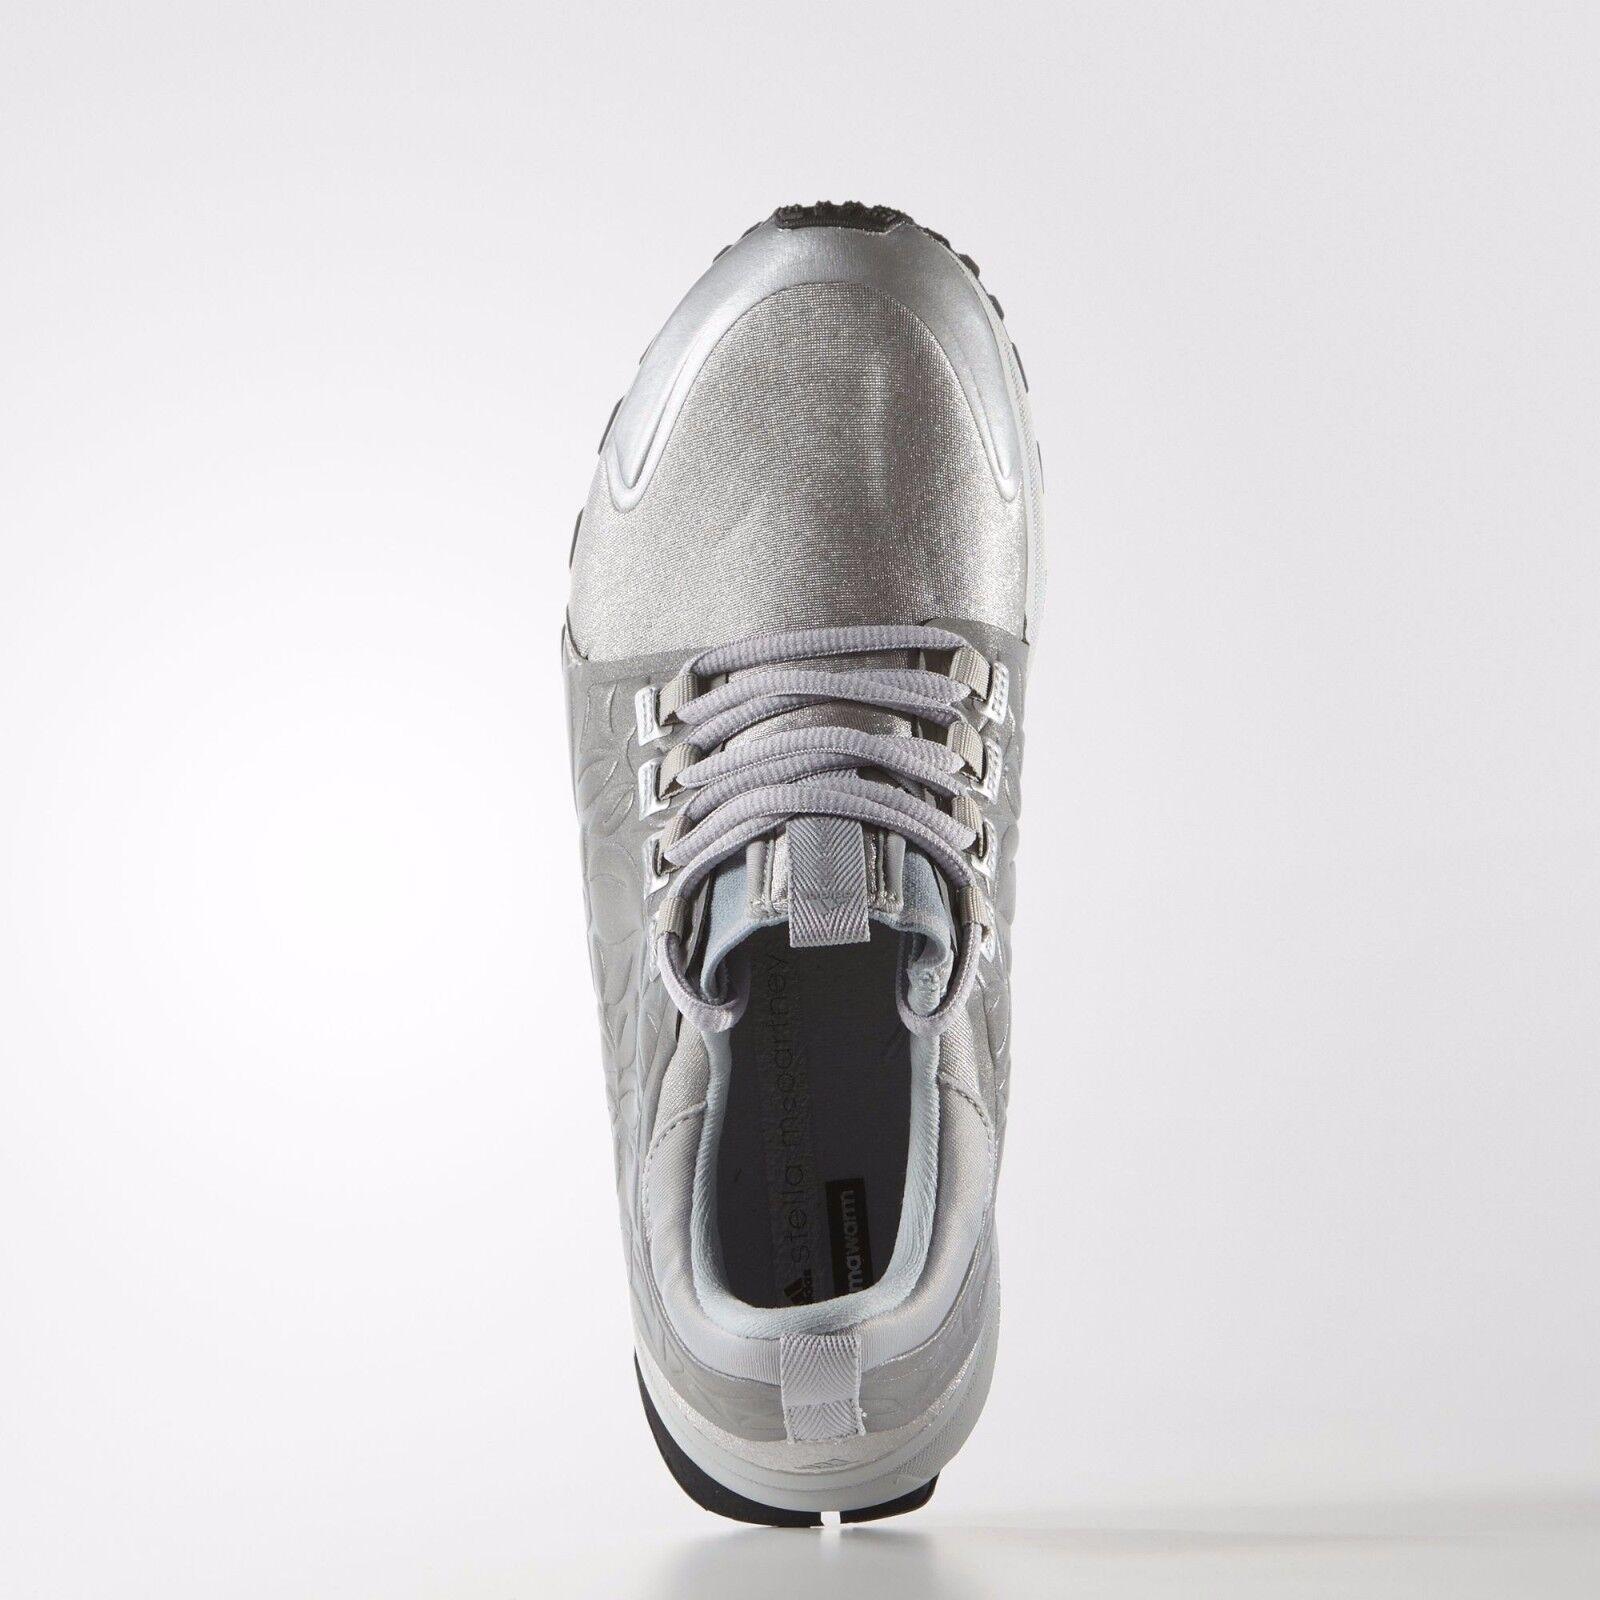 adidas mccartney adizero xt von stella mccartney adidas b25147 frauen läuft limited edition a79fab